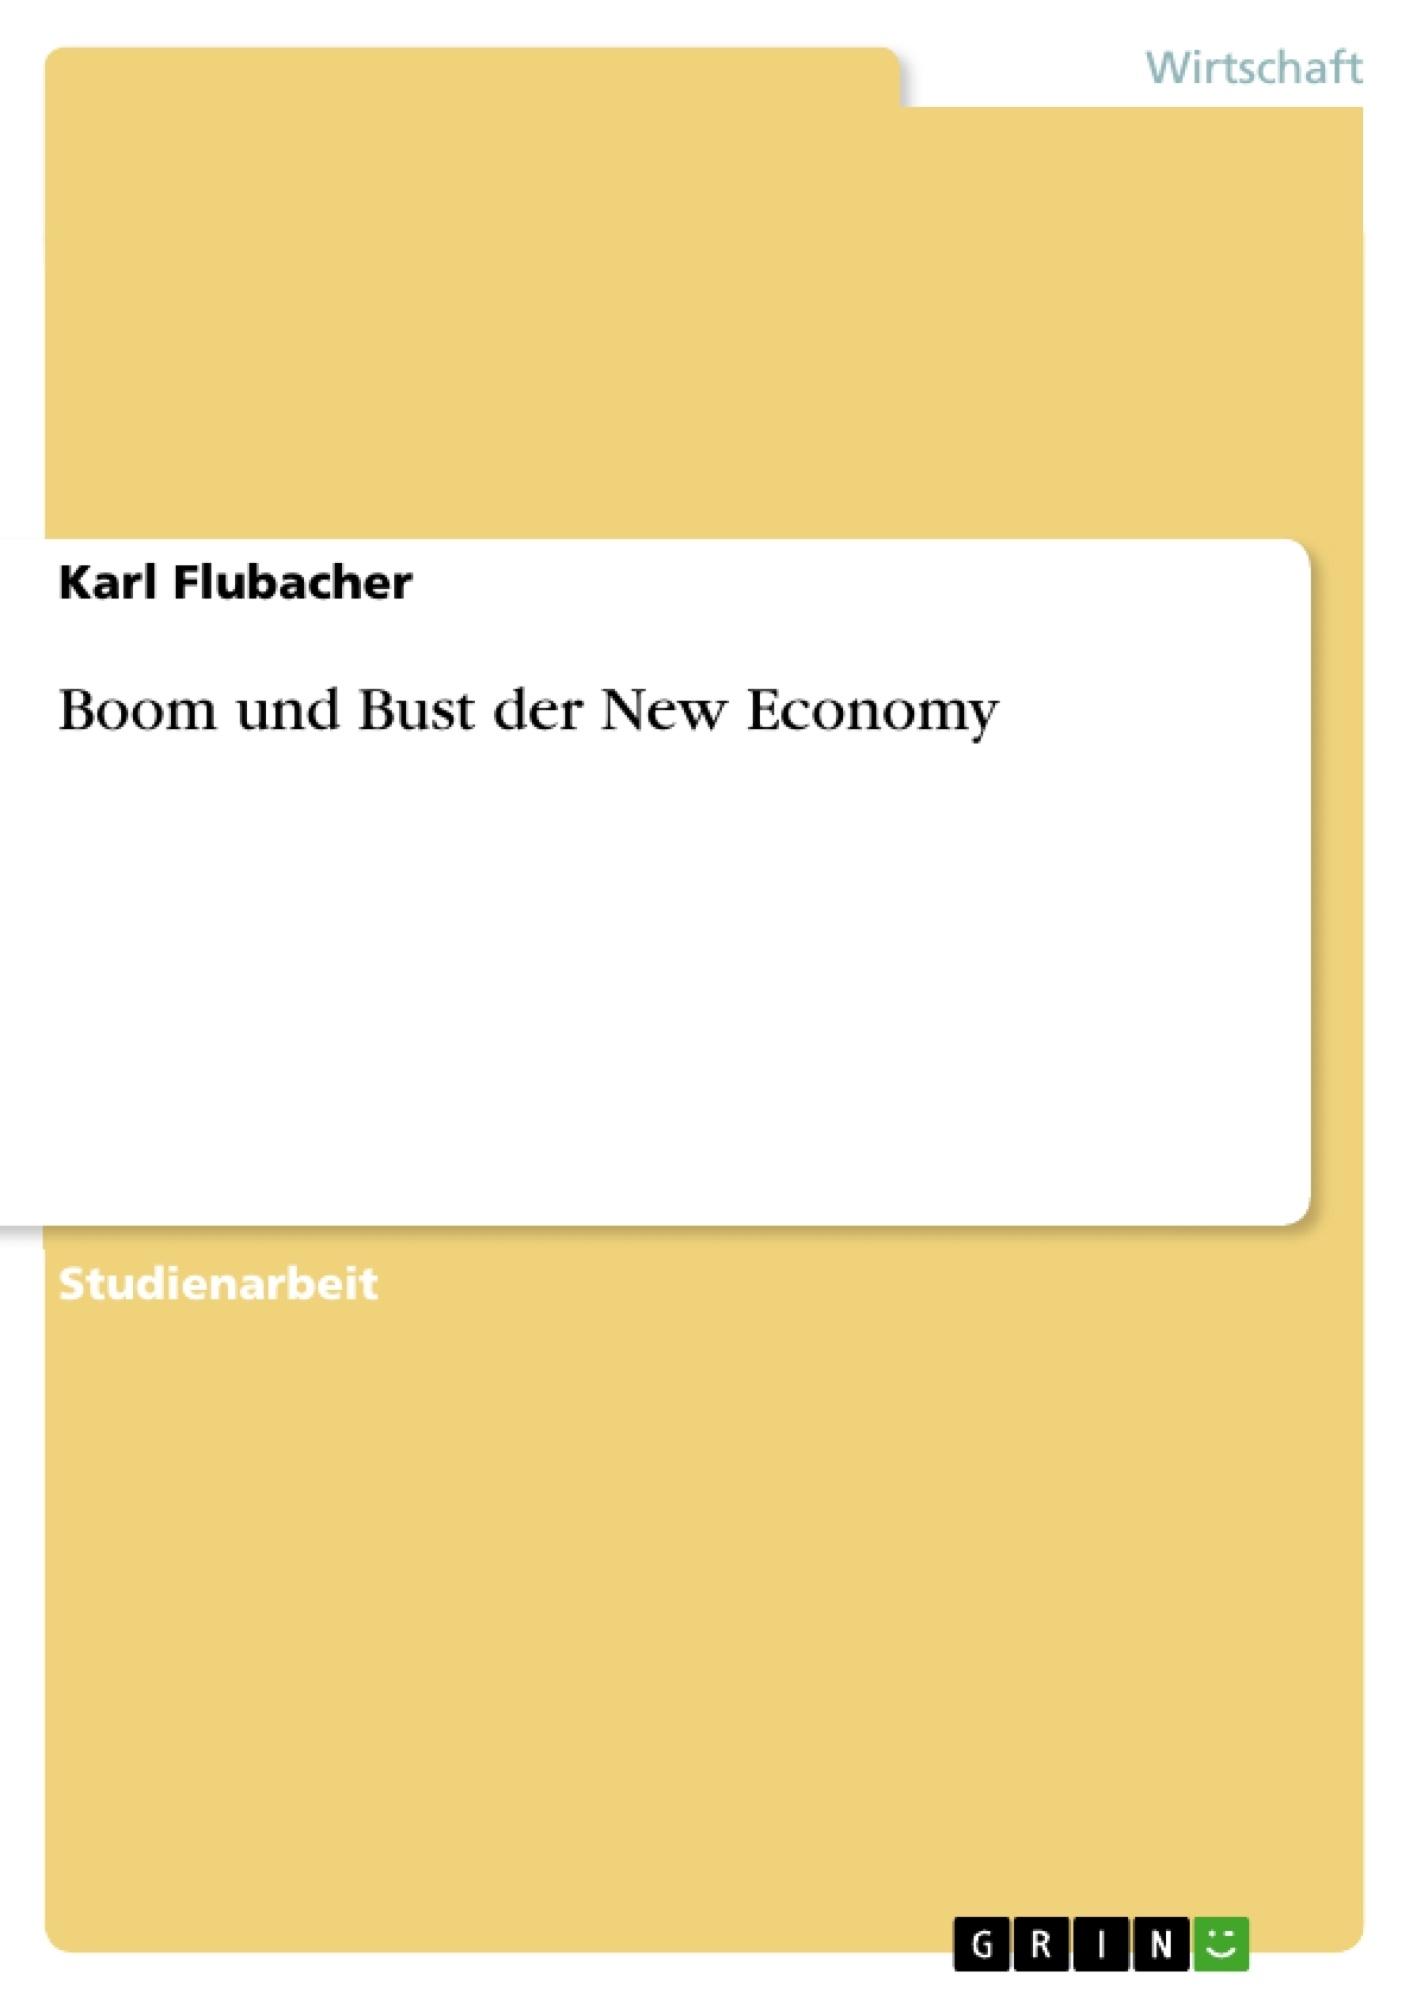 Titel: Boom und Bust der New Economy